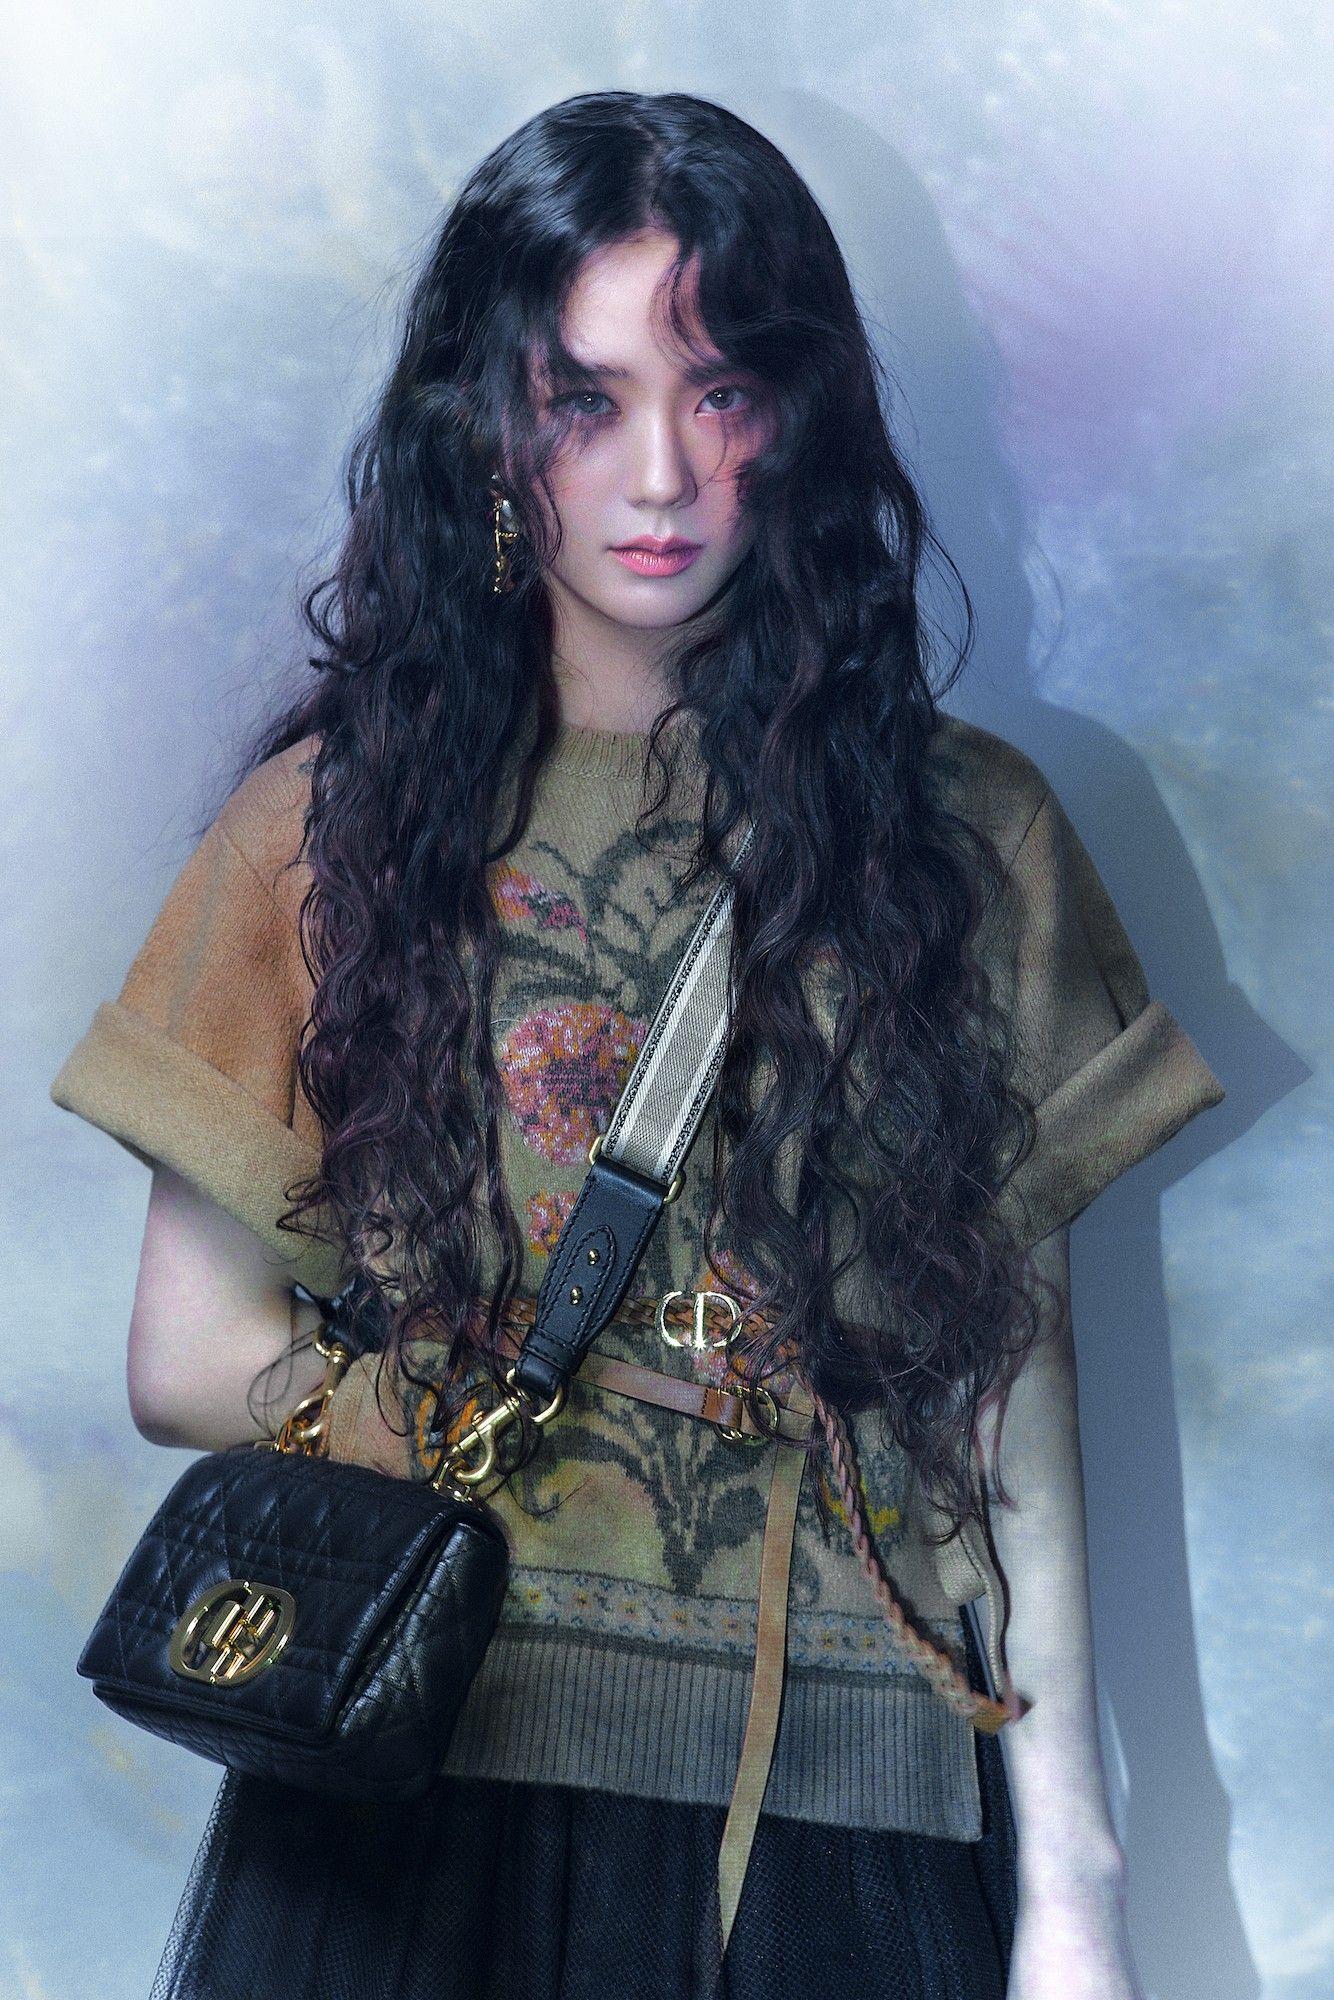 Blackpink's Jisoo Is Dior's New Global Ambassador